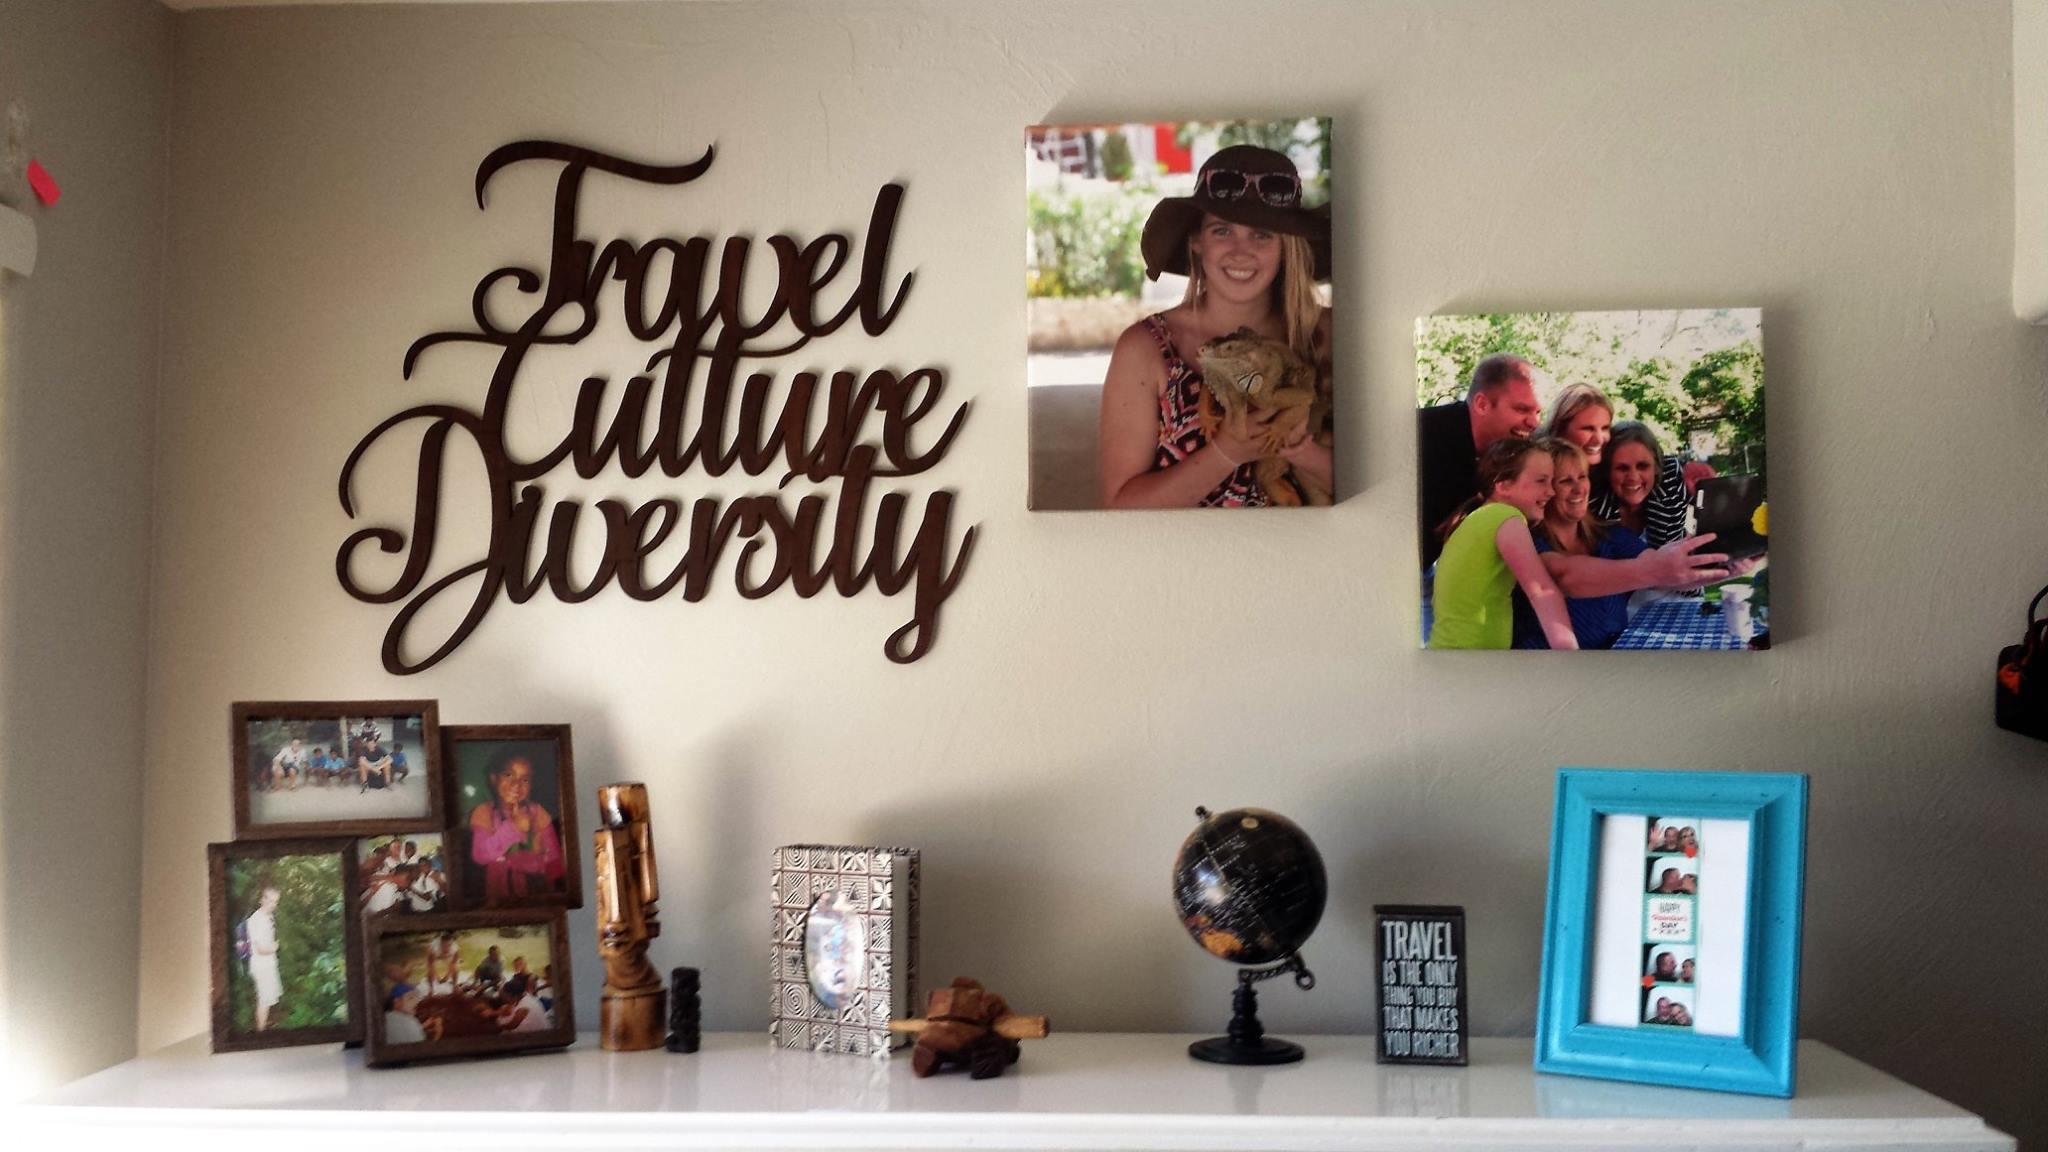 Travel & Cultural Walls